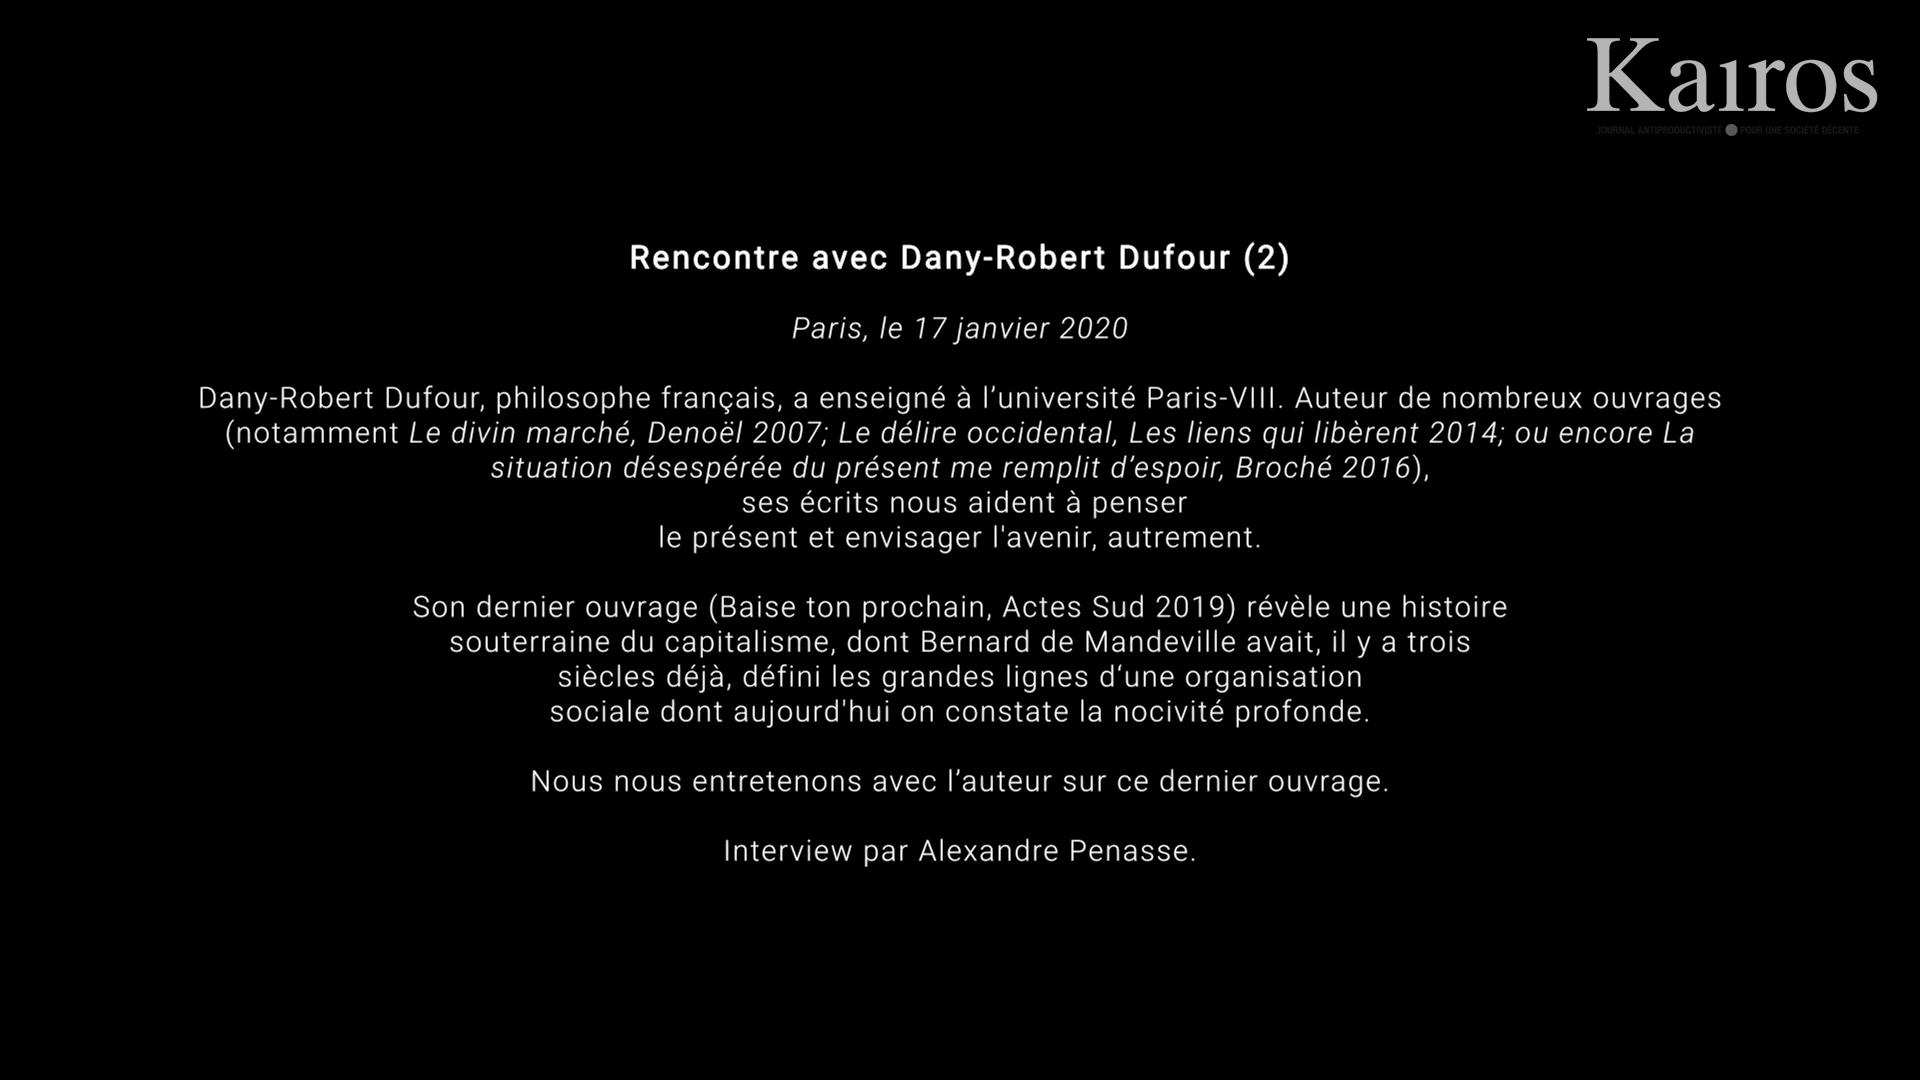 Nous sommes dirigés par des pervers — Interview de Dany-Robert Dufour